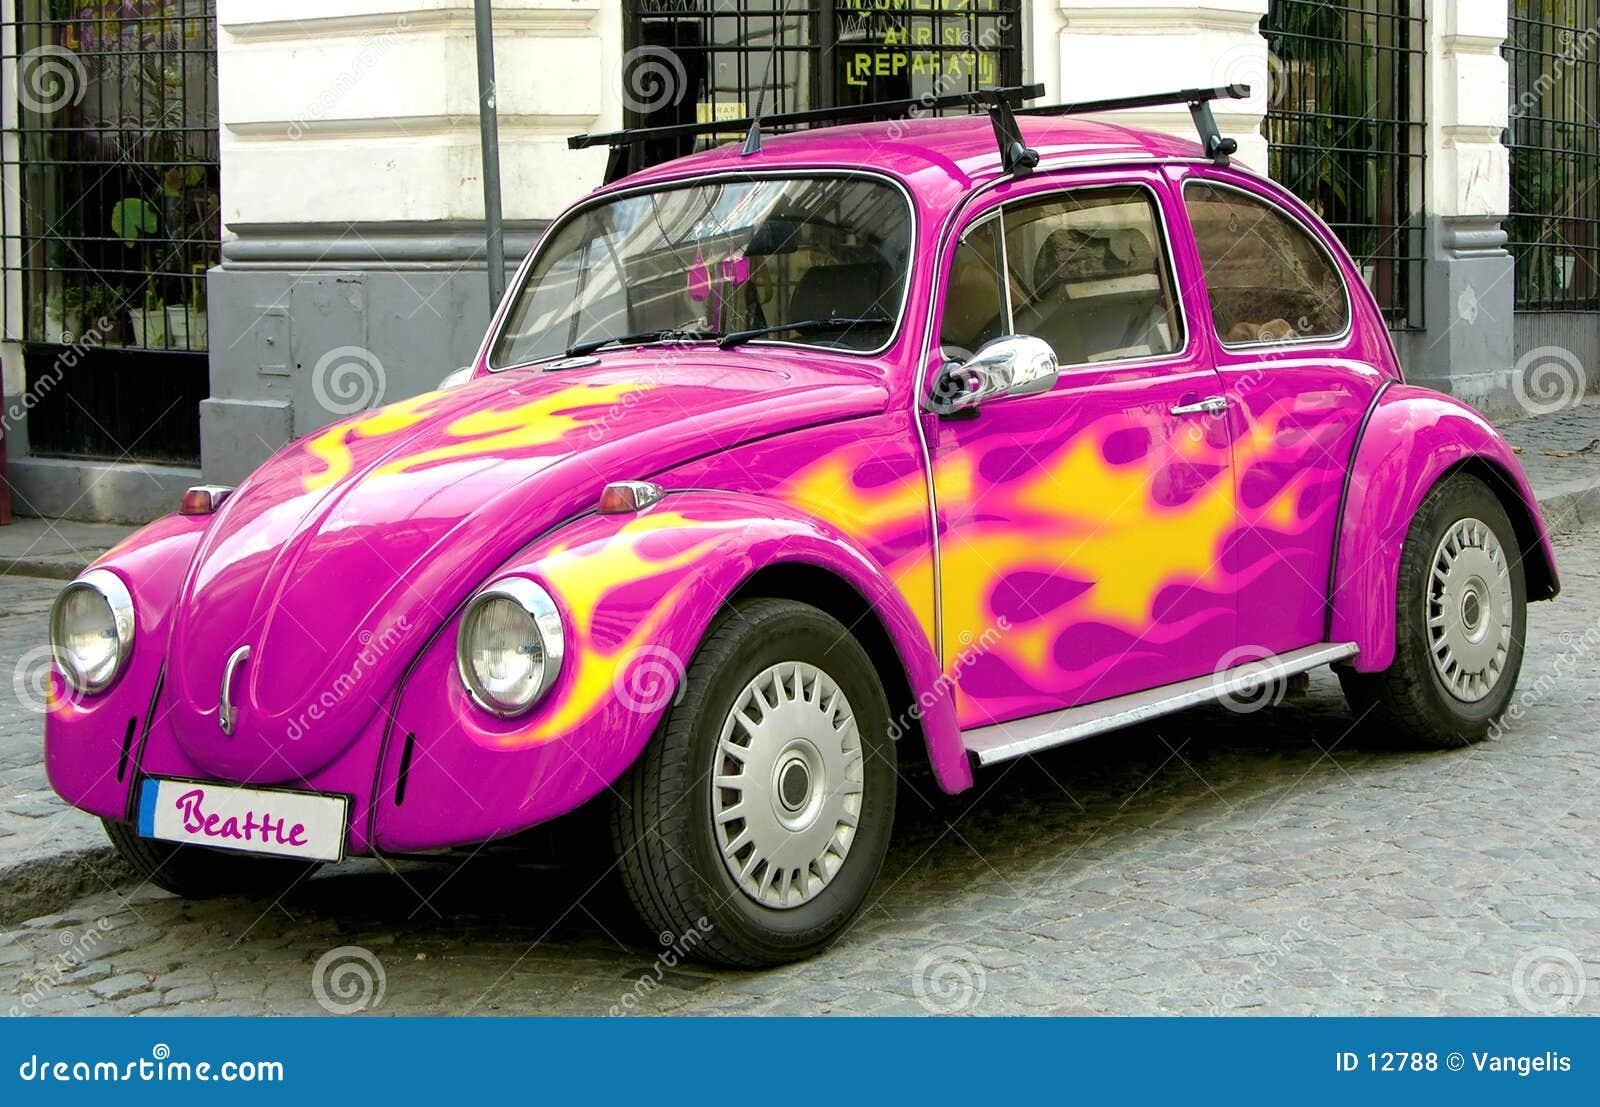 ροζ αυτοκινήτων κανθάρων